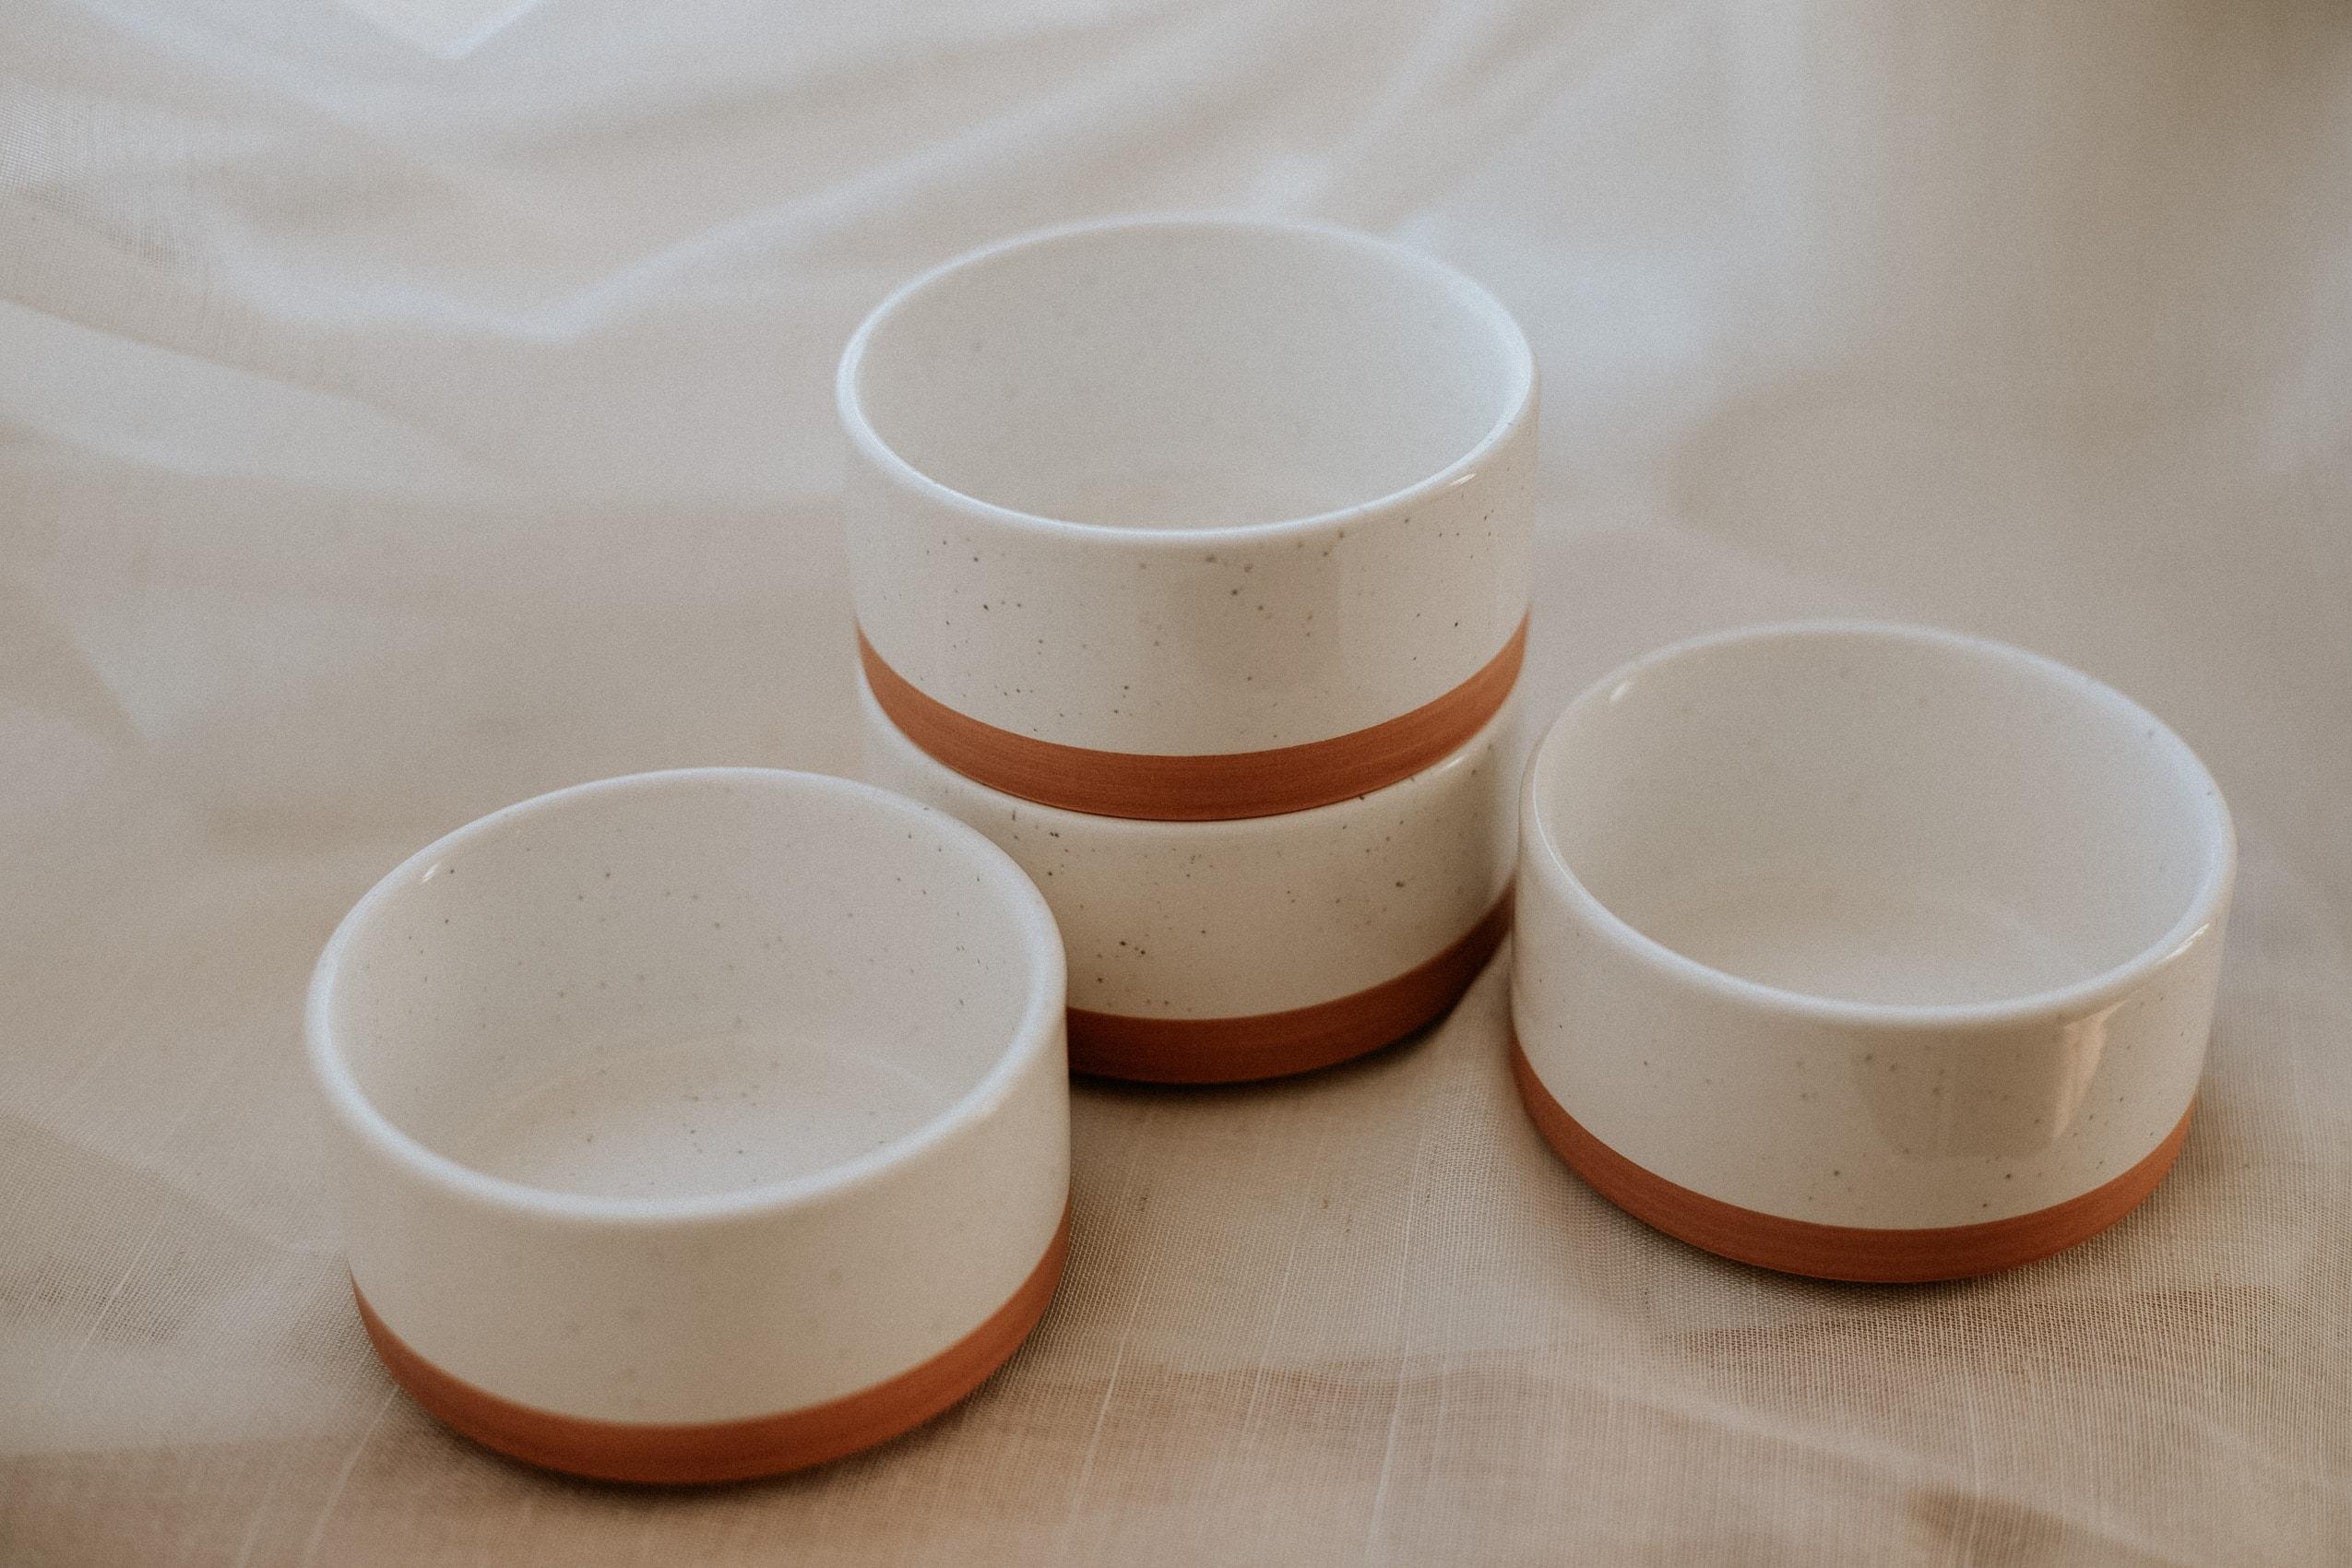 Our Place Mini Bowl Set